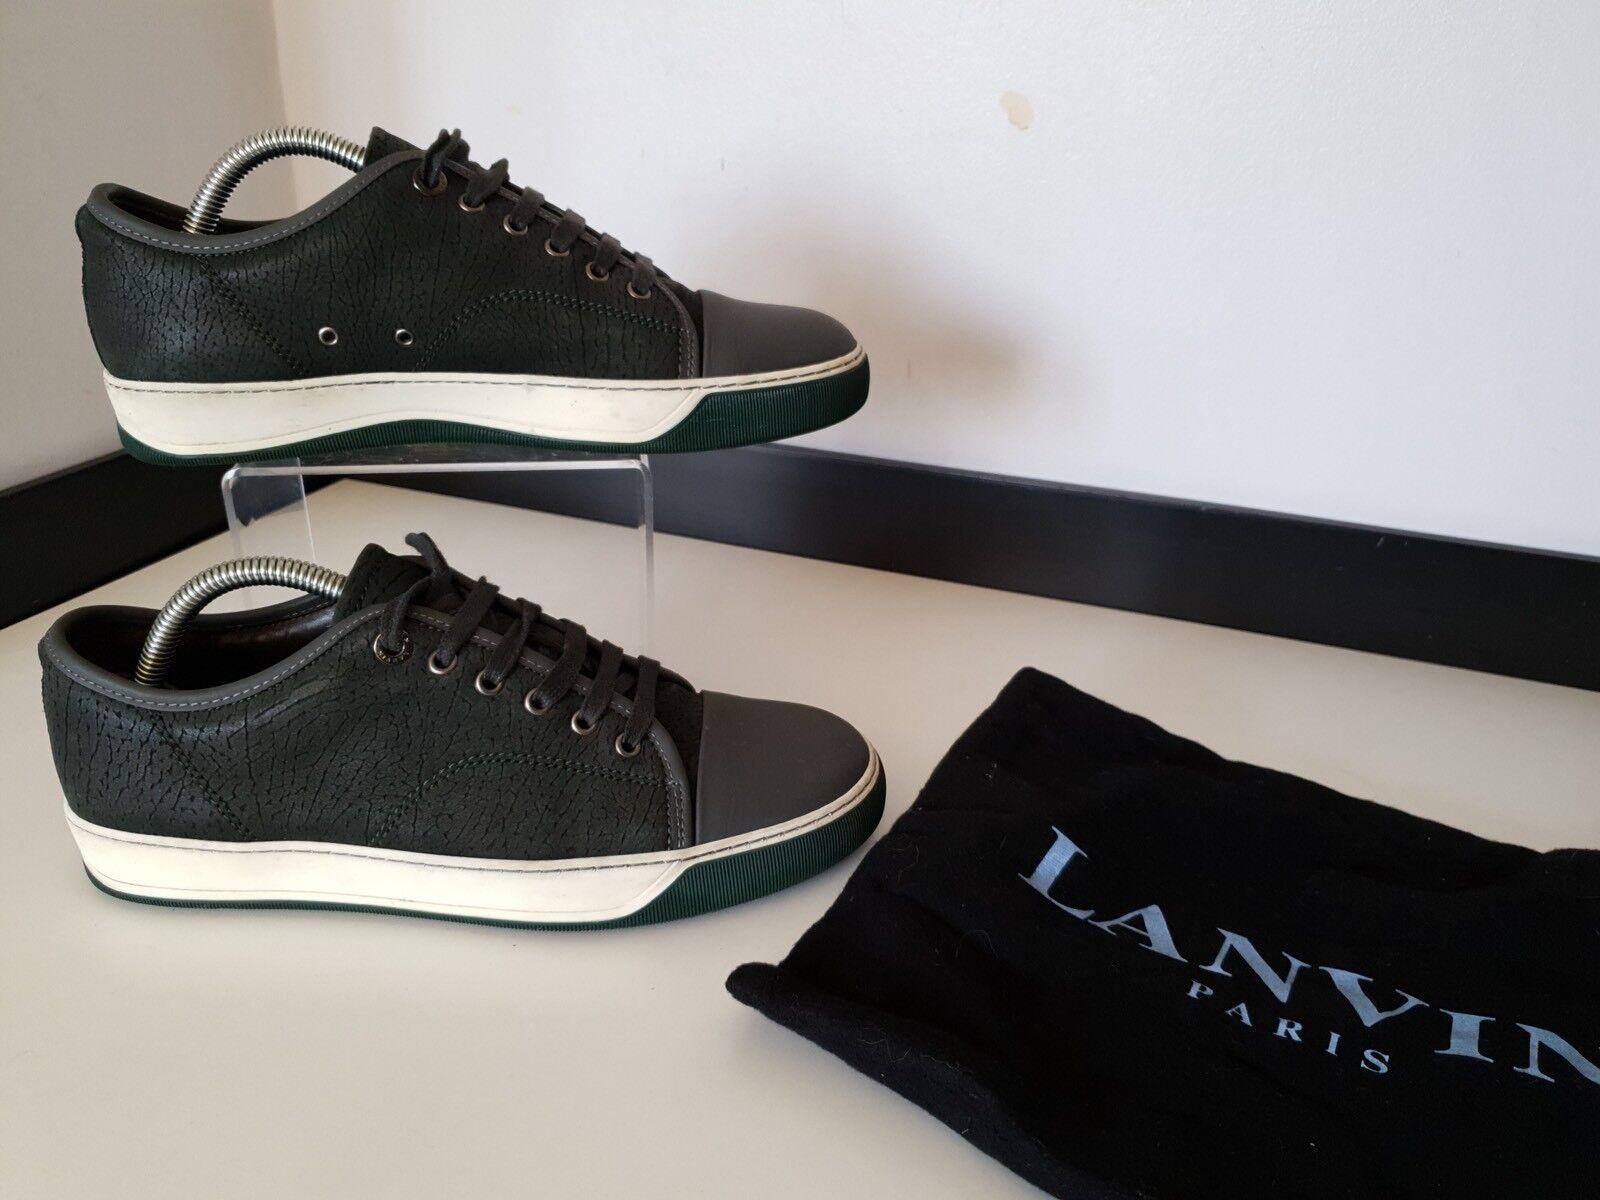 Lanvin Para hombre Zapatillas, Zapatillas, Zapatos, Reino Unido 5 Eu39, verde Y gris, Cuero, en muy buena condición